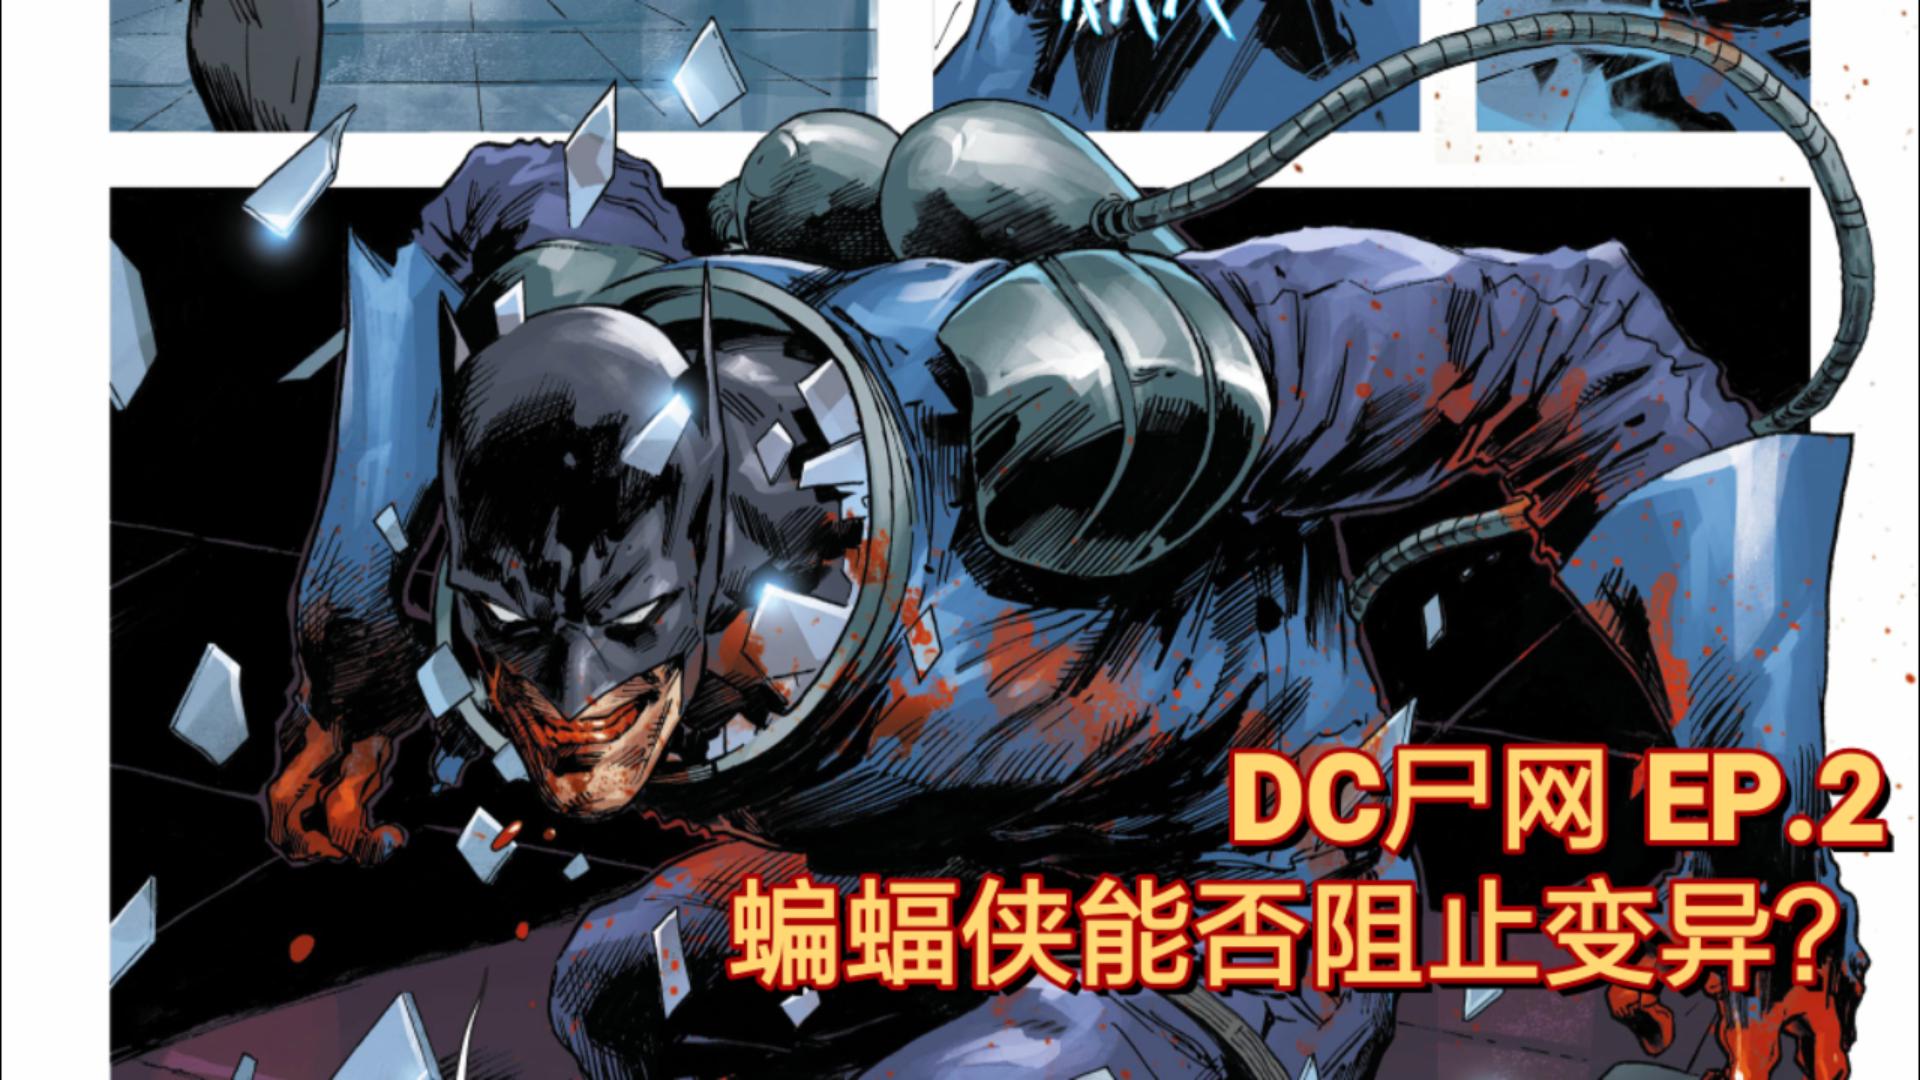 【鲍漫】丧尸危机仍在继续!蝙蝠侠能否自救?